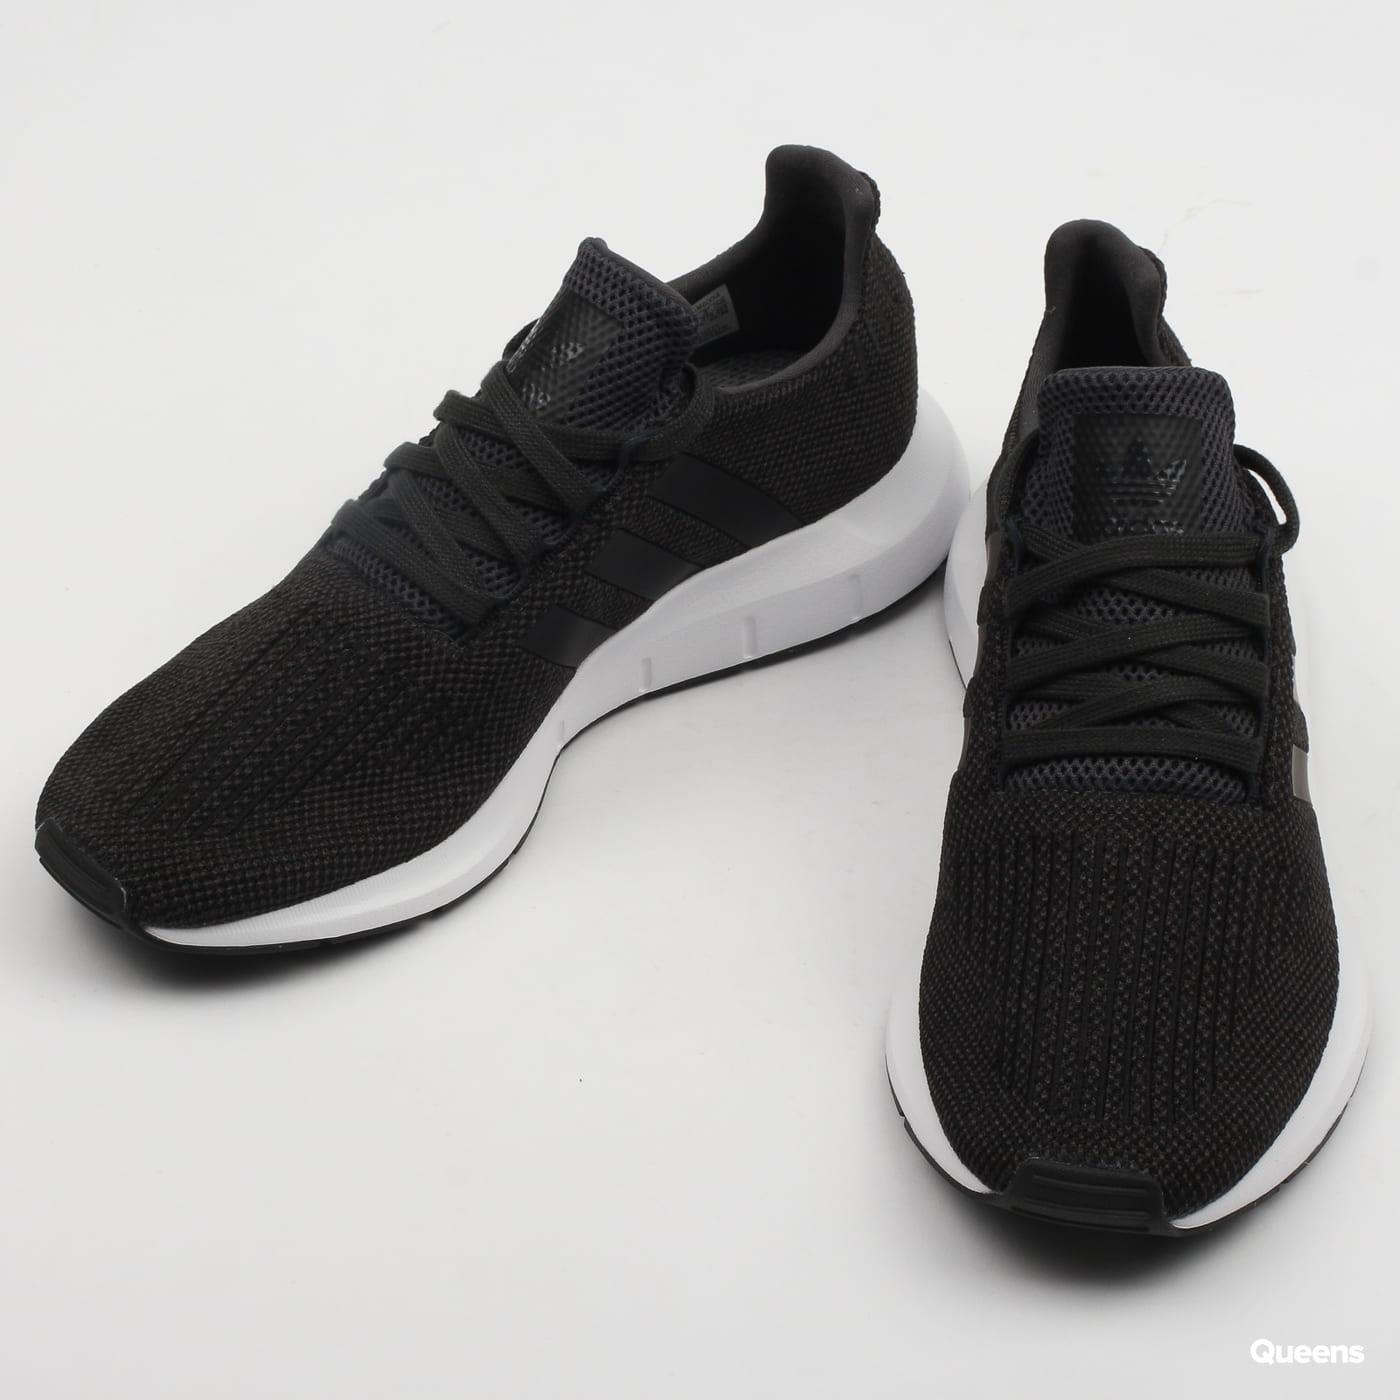 17057f5c01 Obuv adidas Originals Swift Run carbon   cblack   mgreyh (CQ2114 ...